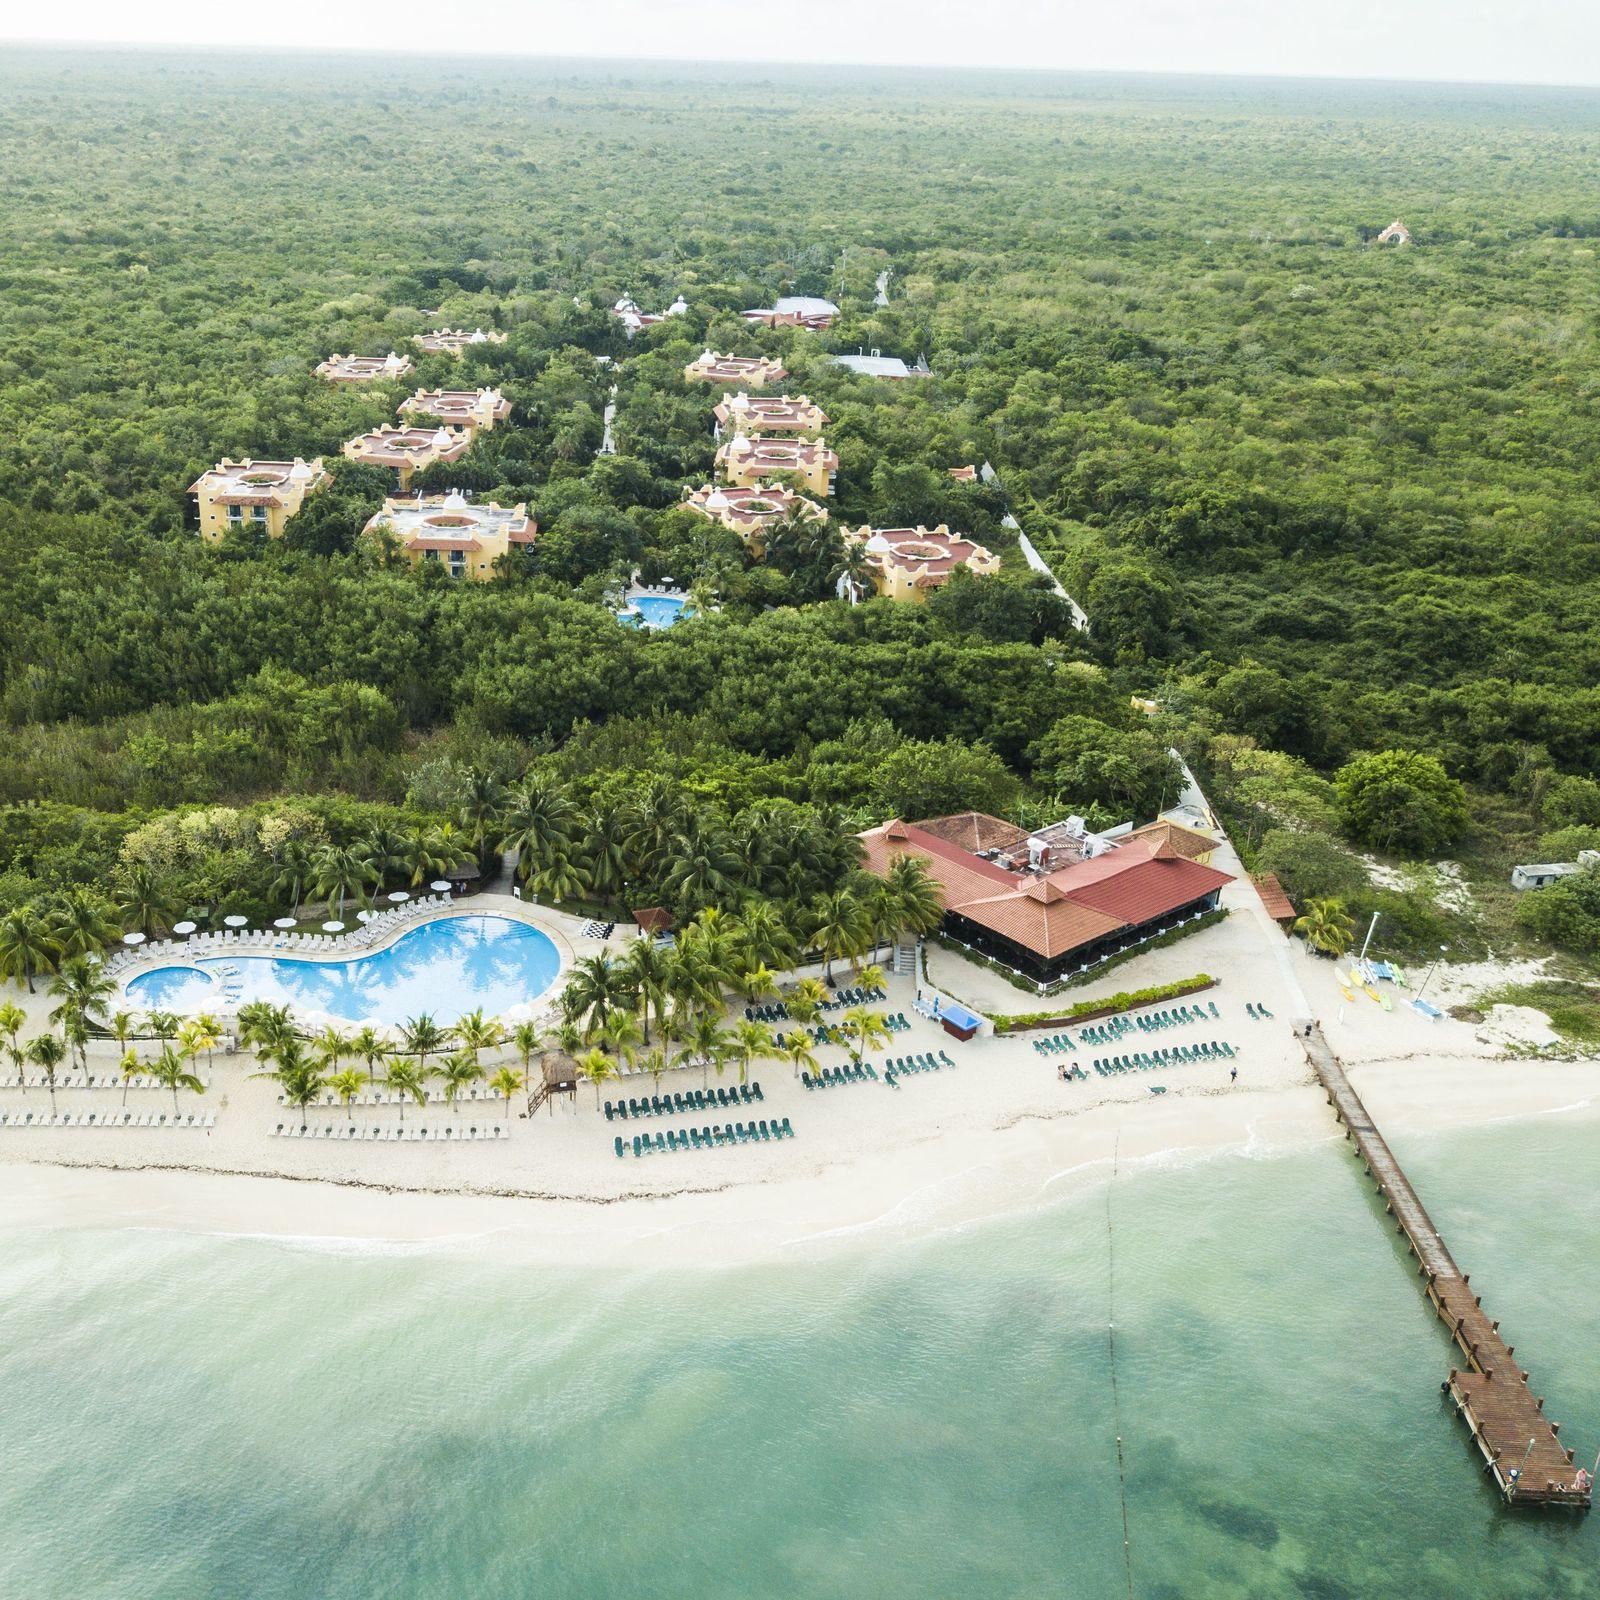 Vacaciones con todo incluido en el Caribe en la isla de Cozumel